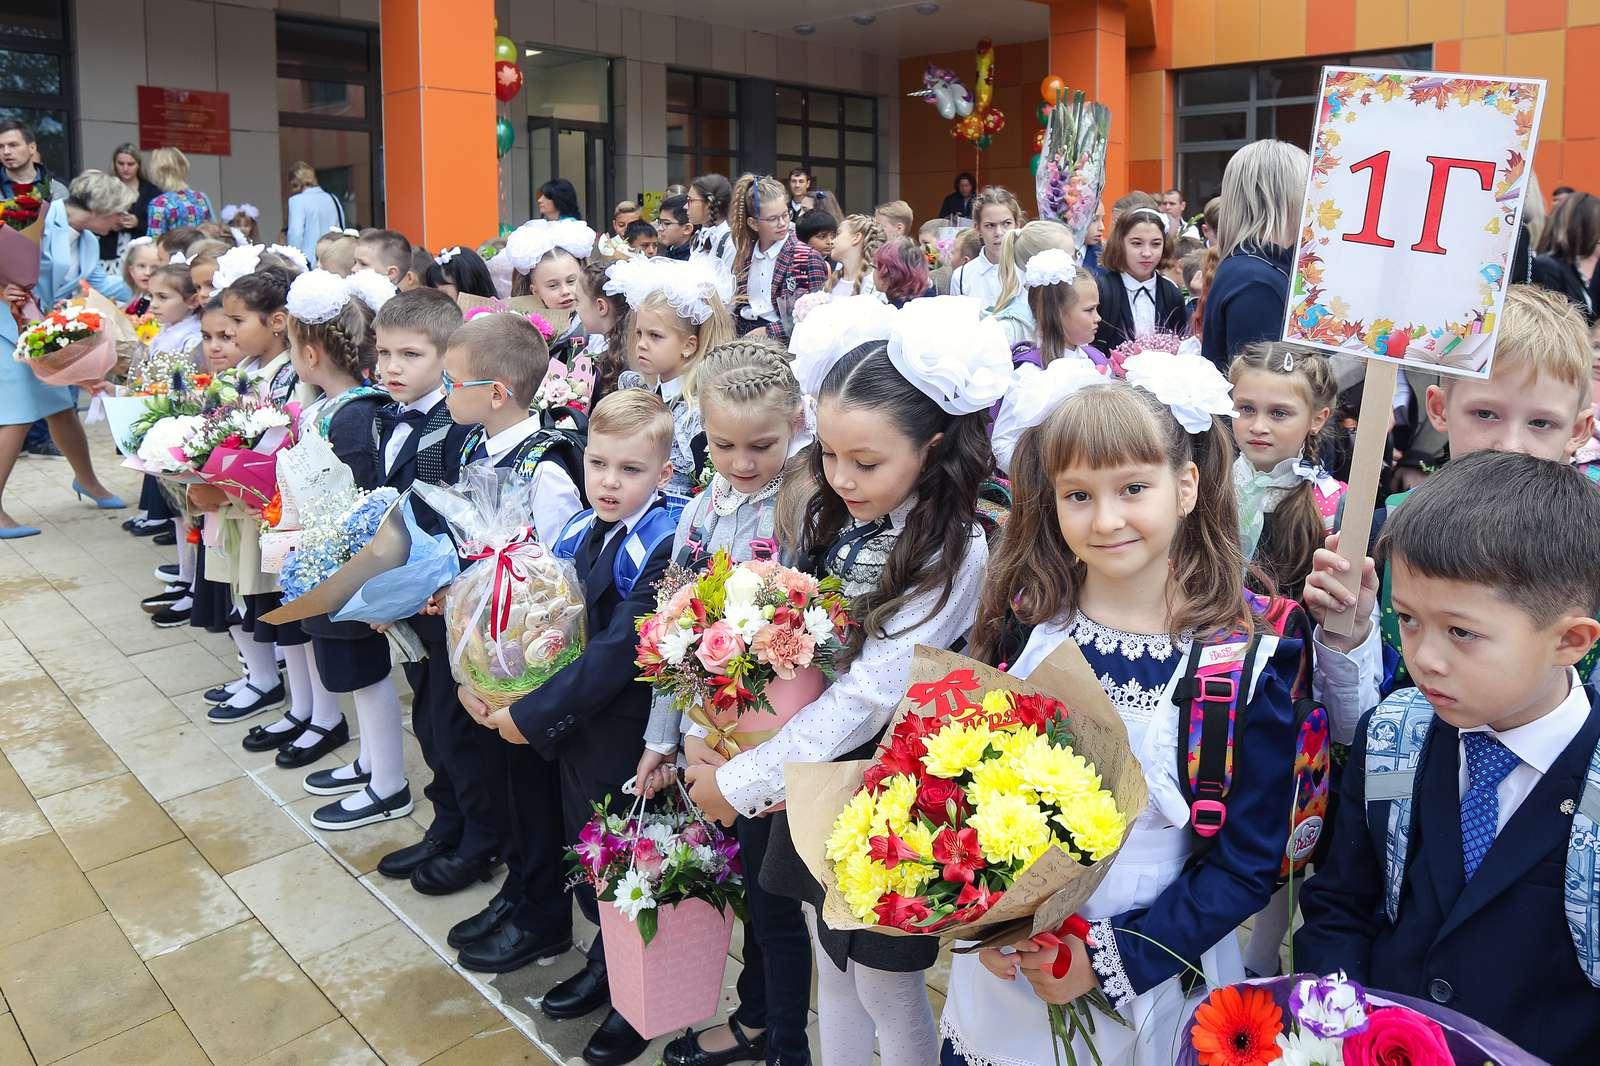 Школу на 1,1 тысячи мест открыли в Балашихе в День знаний | Изображение 2